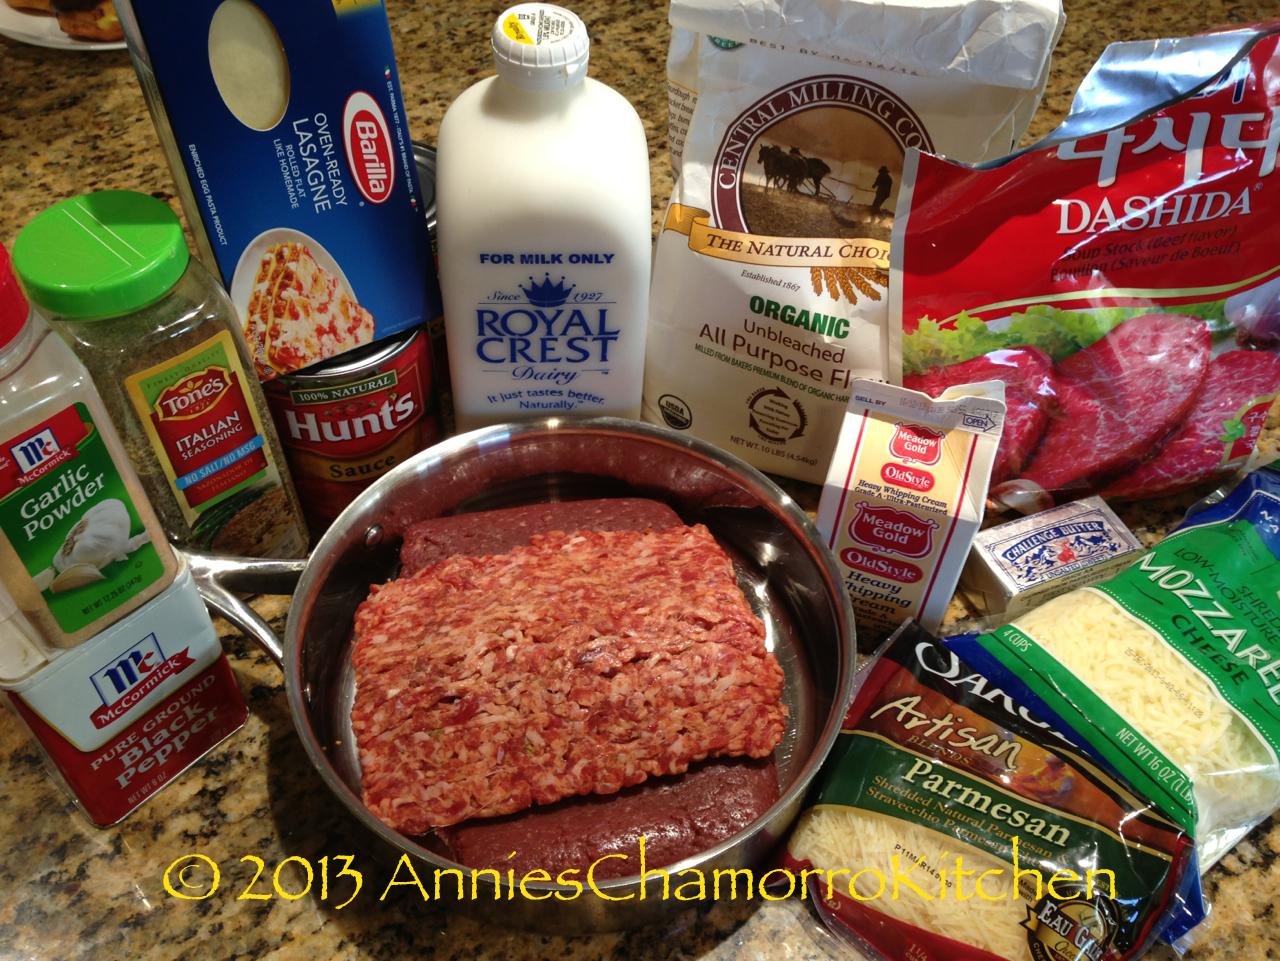 Lasagne al Forno ingredients